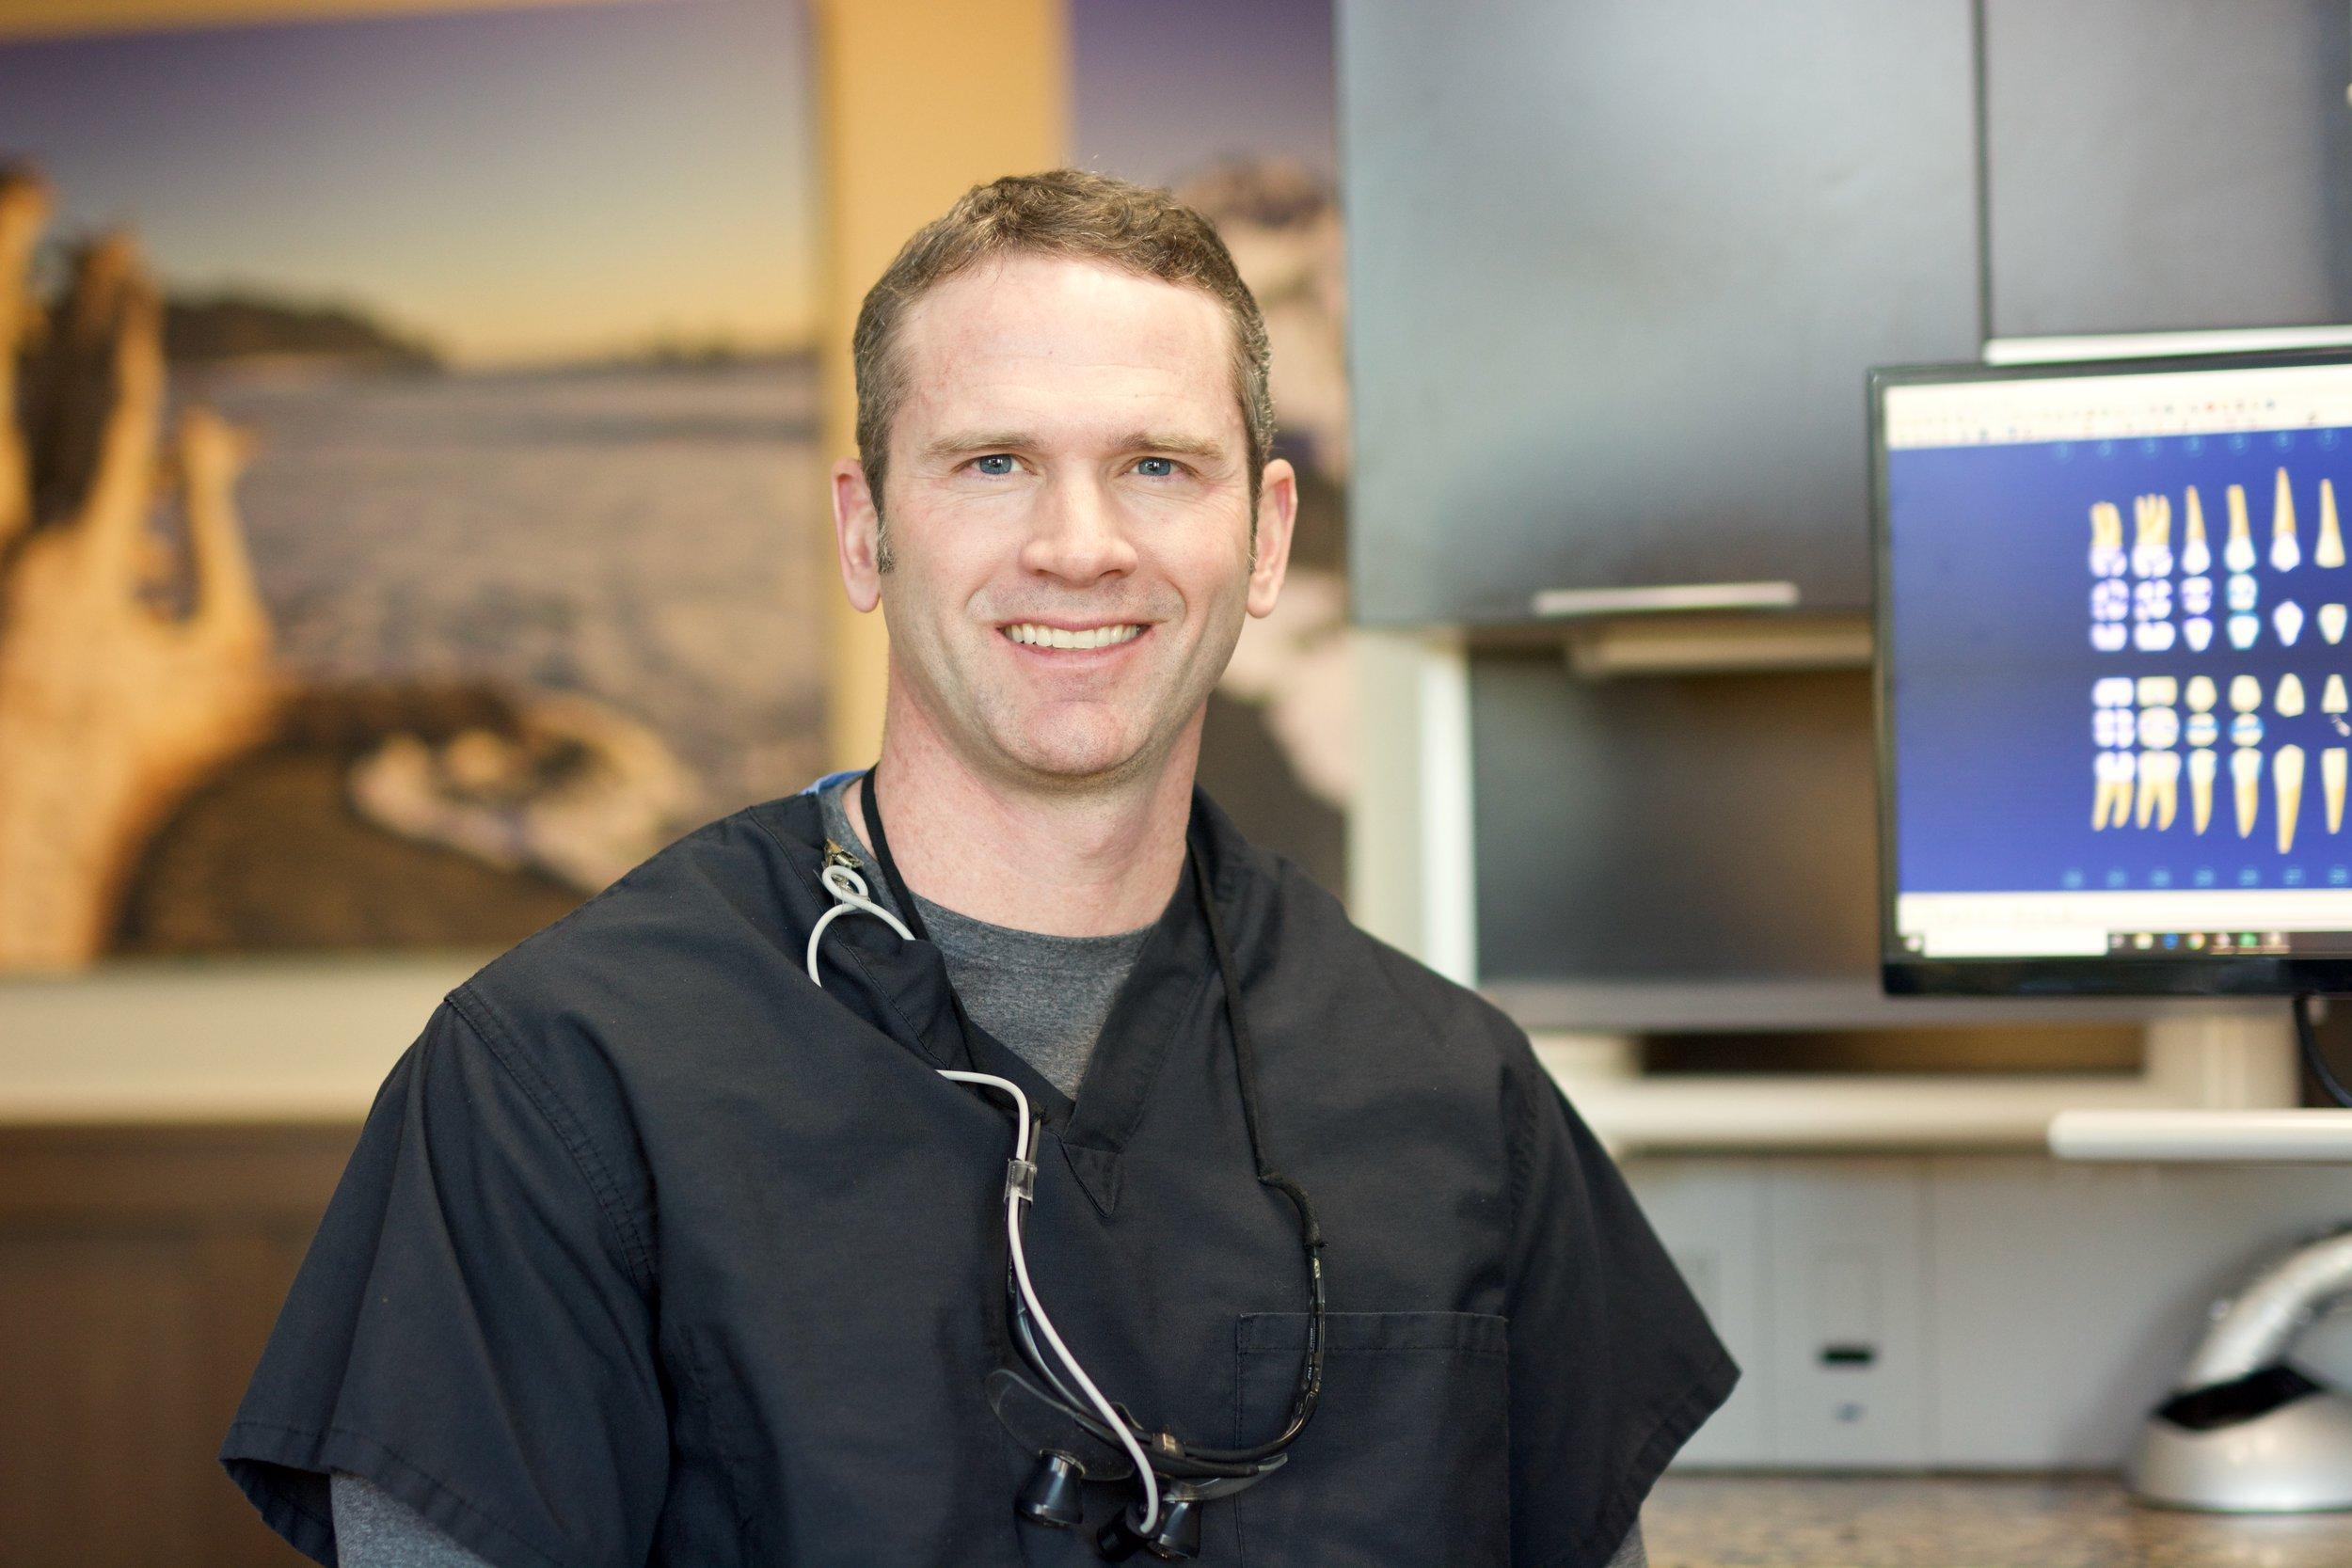 Dr. Matthew Pollard